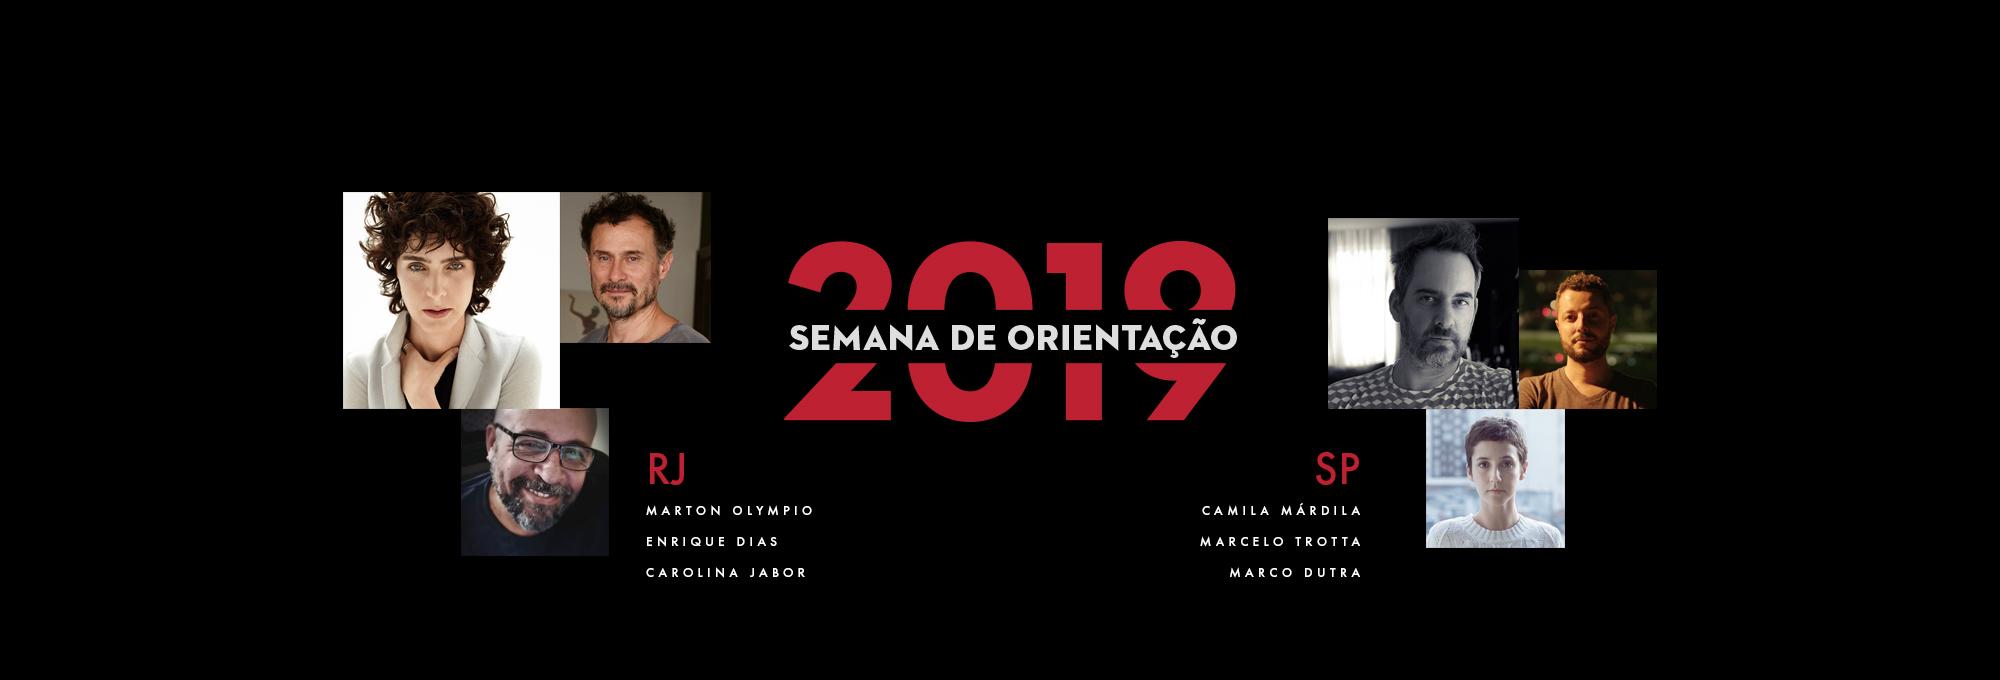 SEMANA DE ORIENTAÇÃO 2019